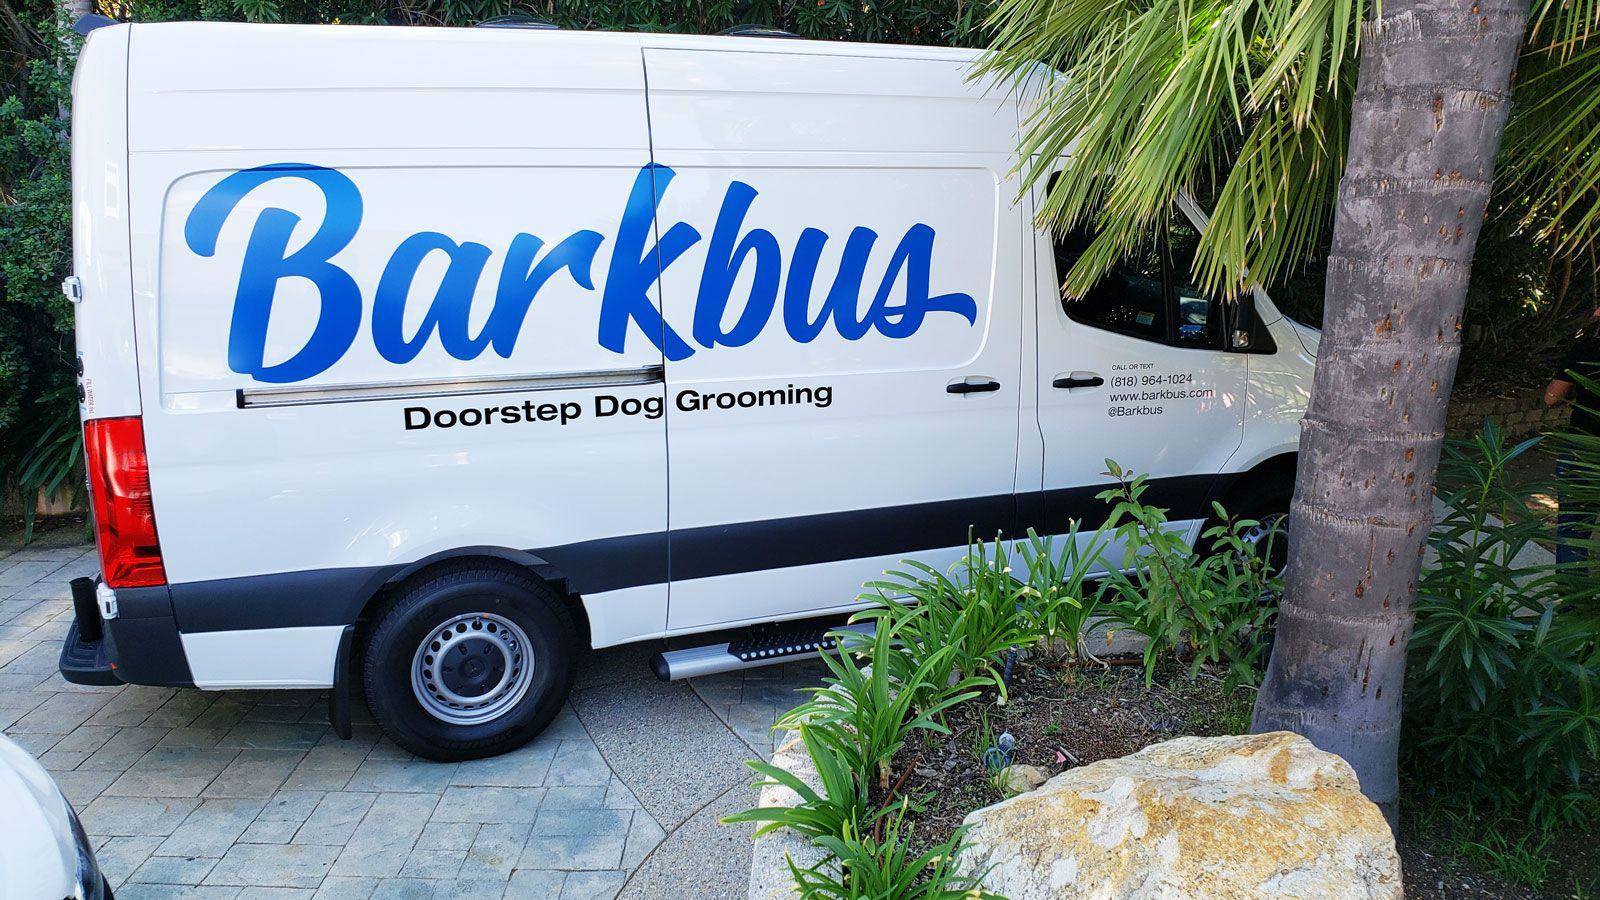 Barkbus custom van decals